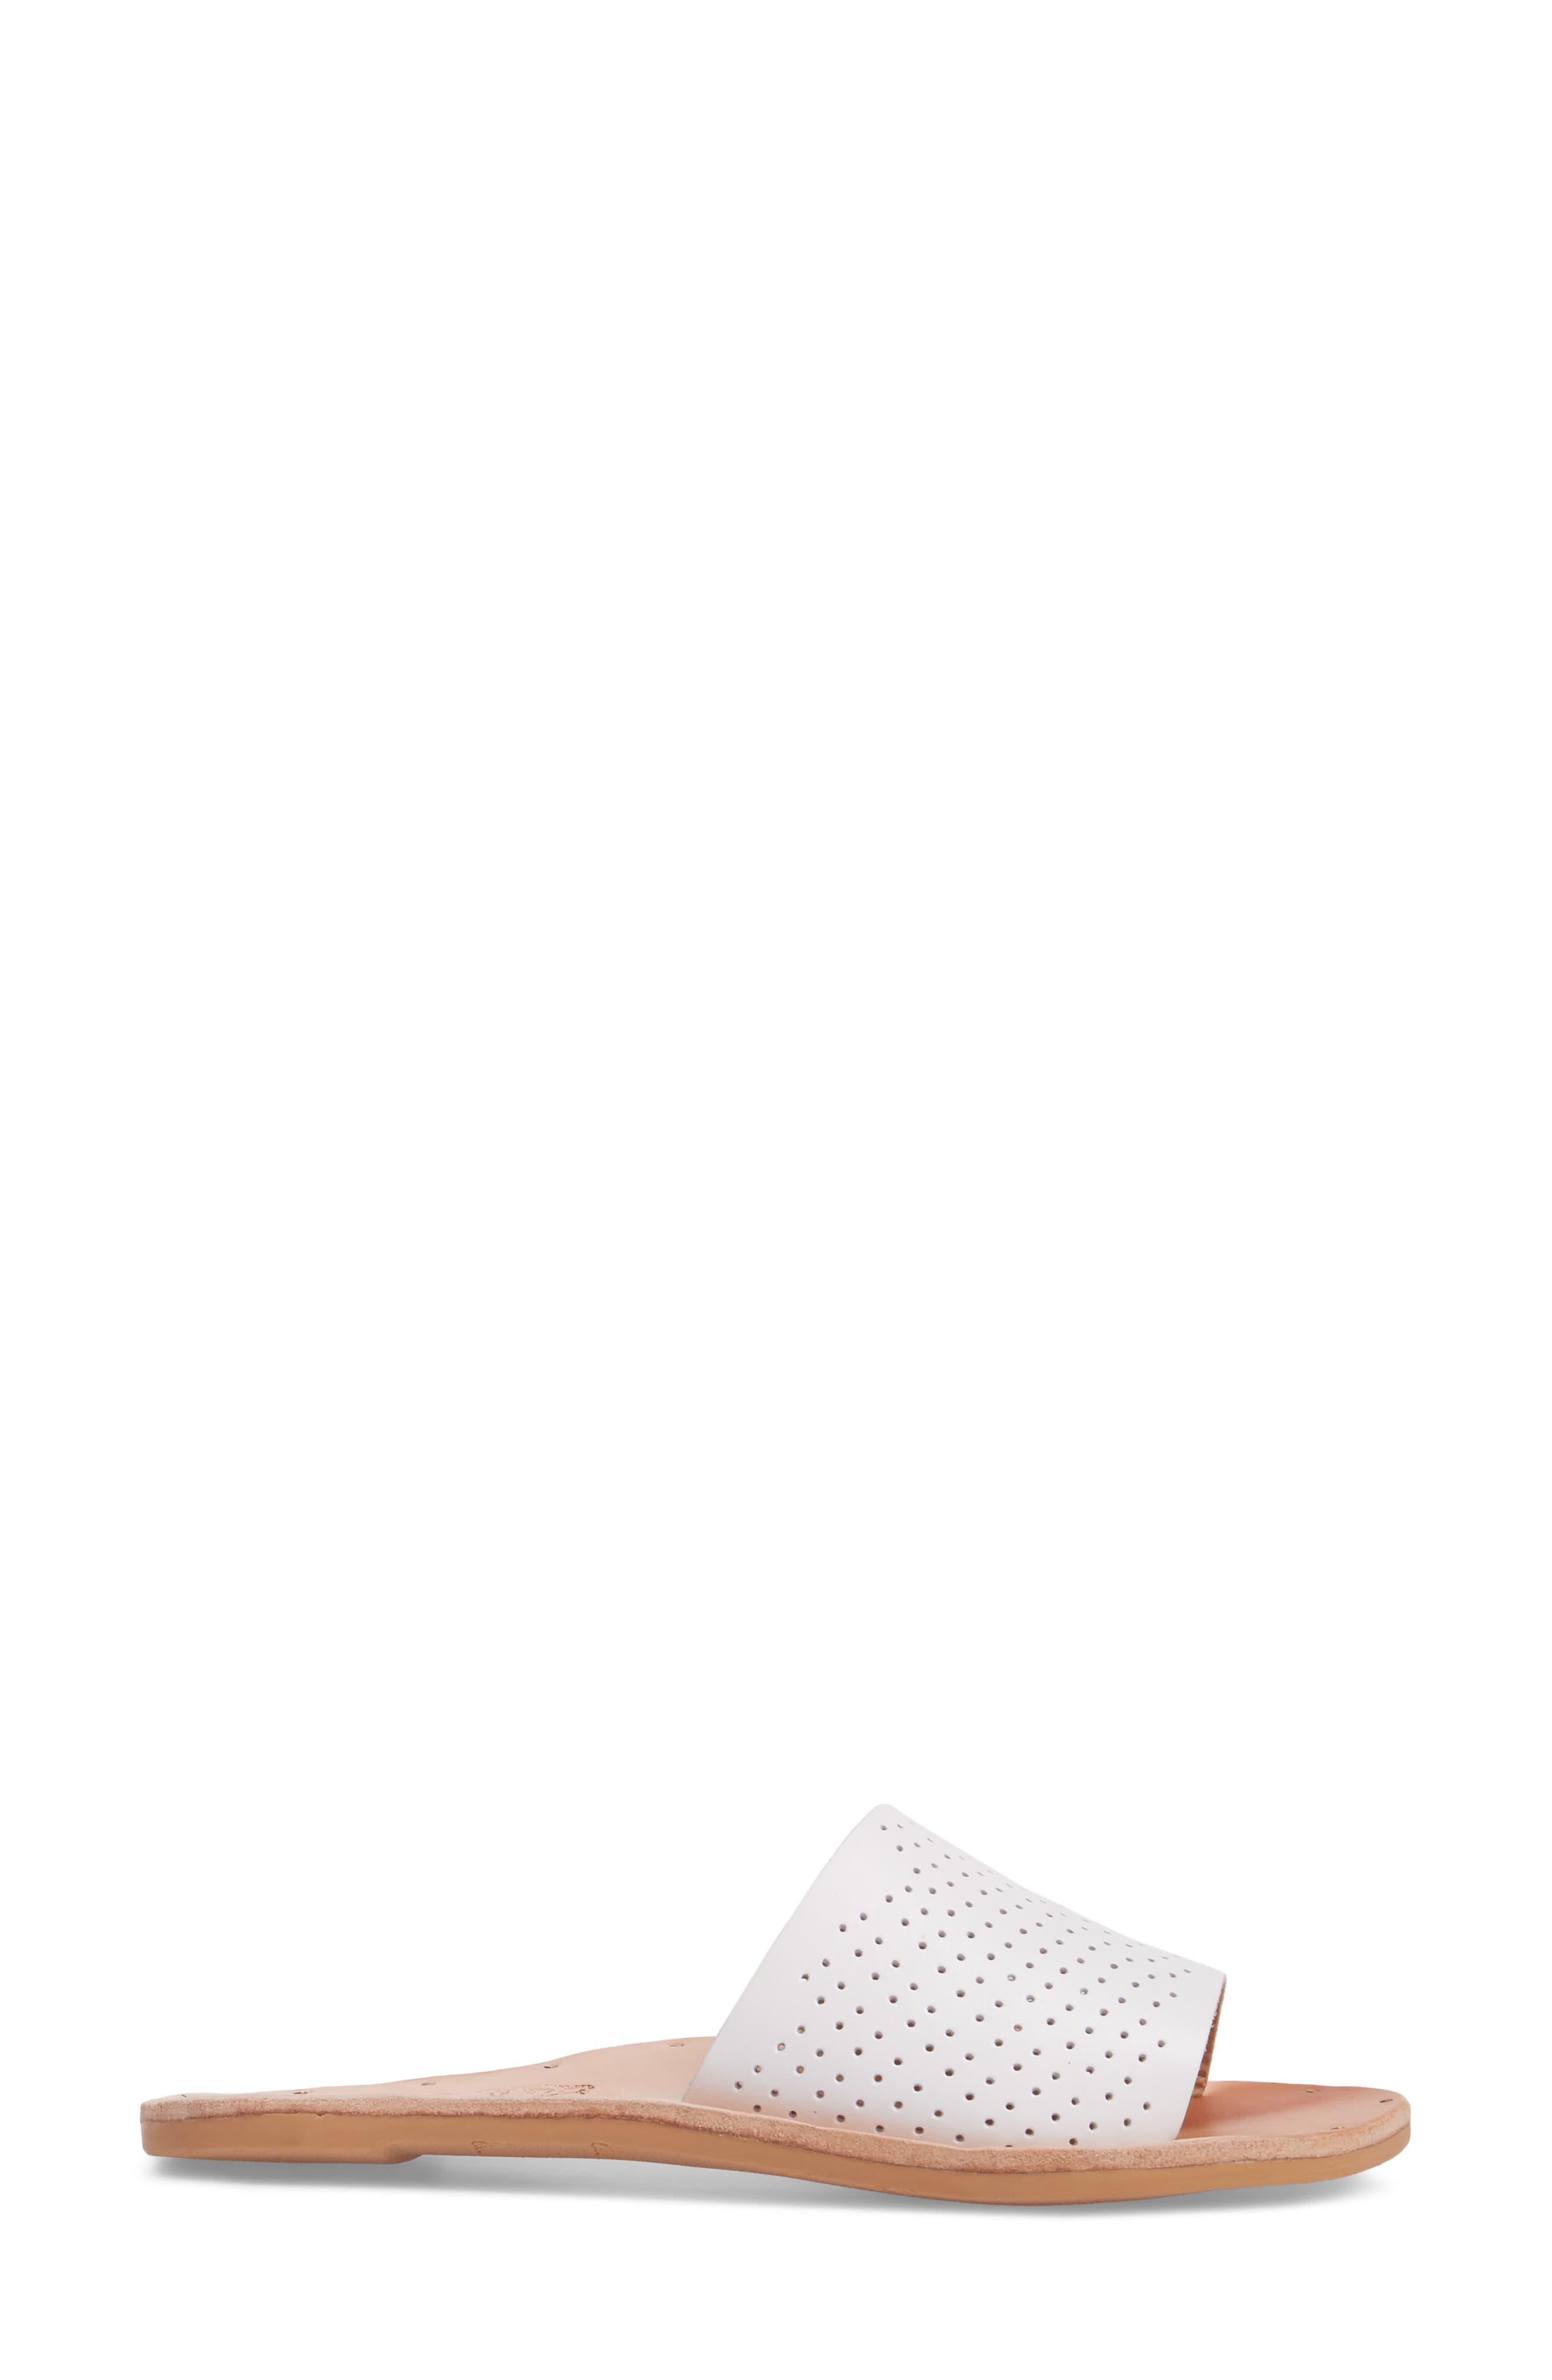 Mockingbird Sandal,                             Alternate thumbnail 3, color,                             White Perf/ Tan